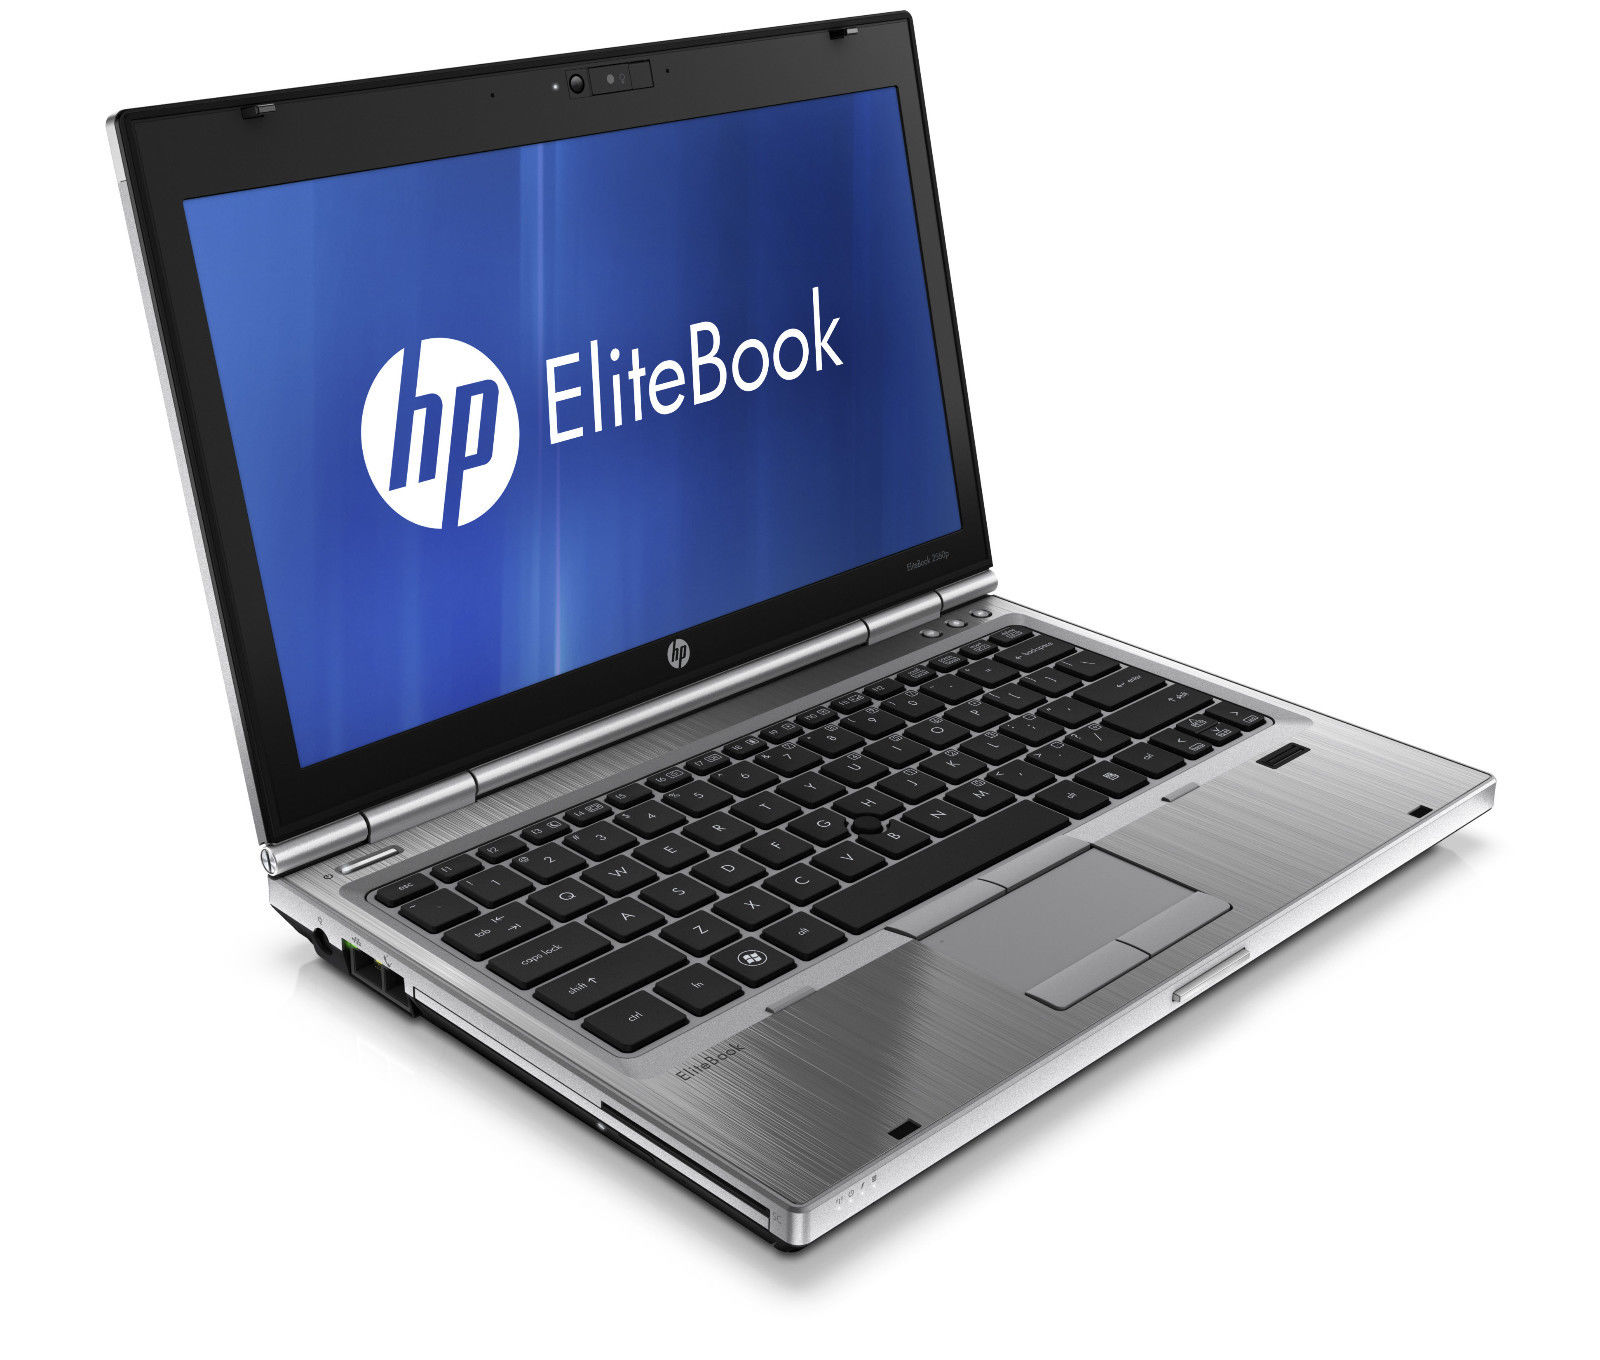 HP Elitebook 2560p Intel i5 2.5GHz 4GB 250GB HDD 1366x768 Cam BT Win10 Pro /7